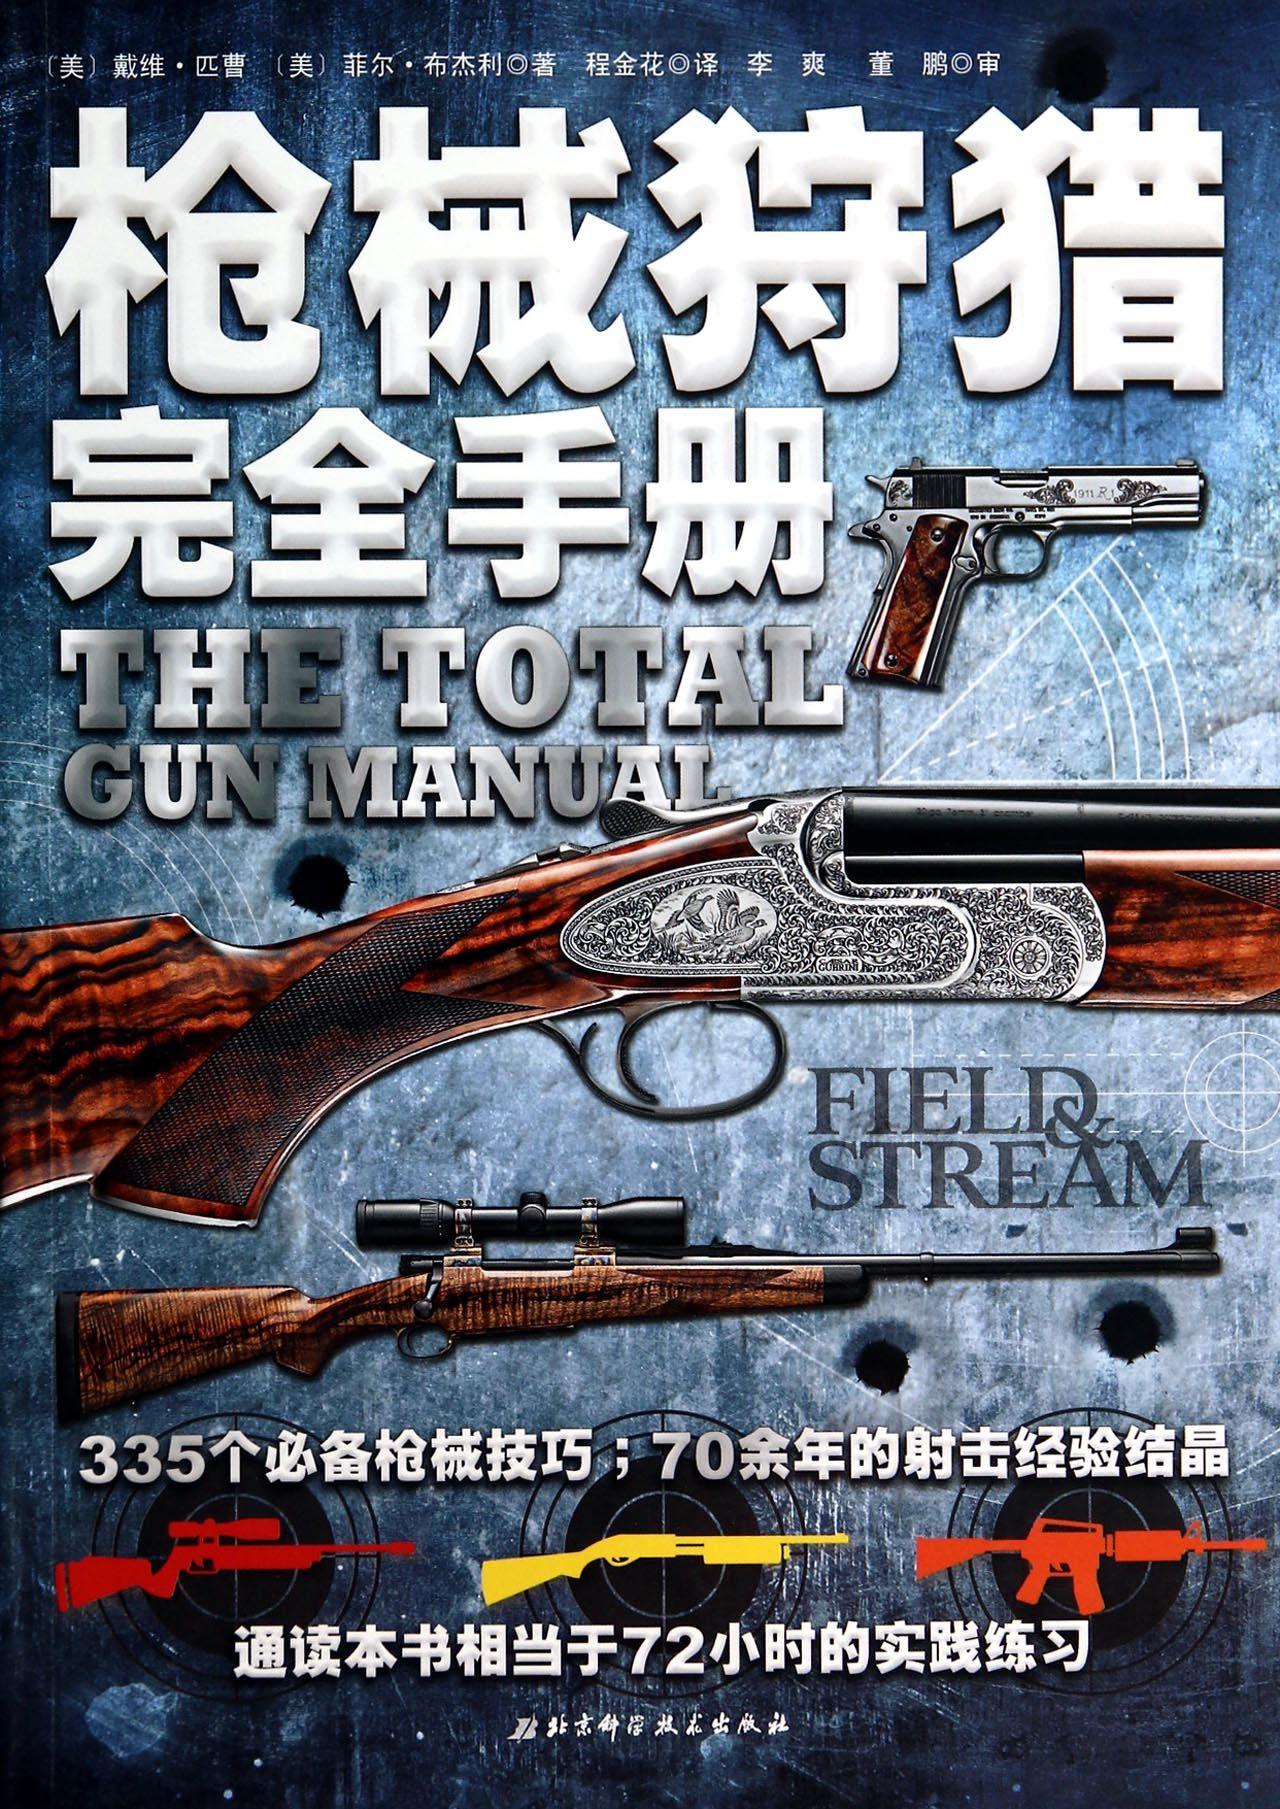 槍械狩獵完全手冊